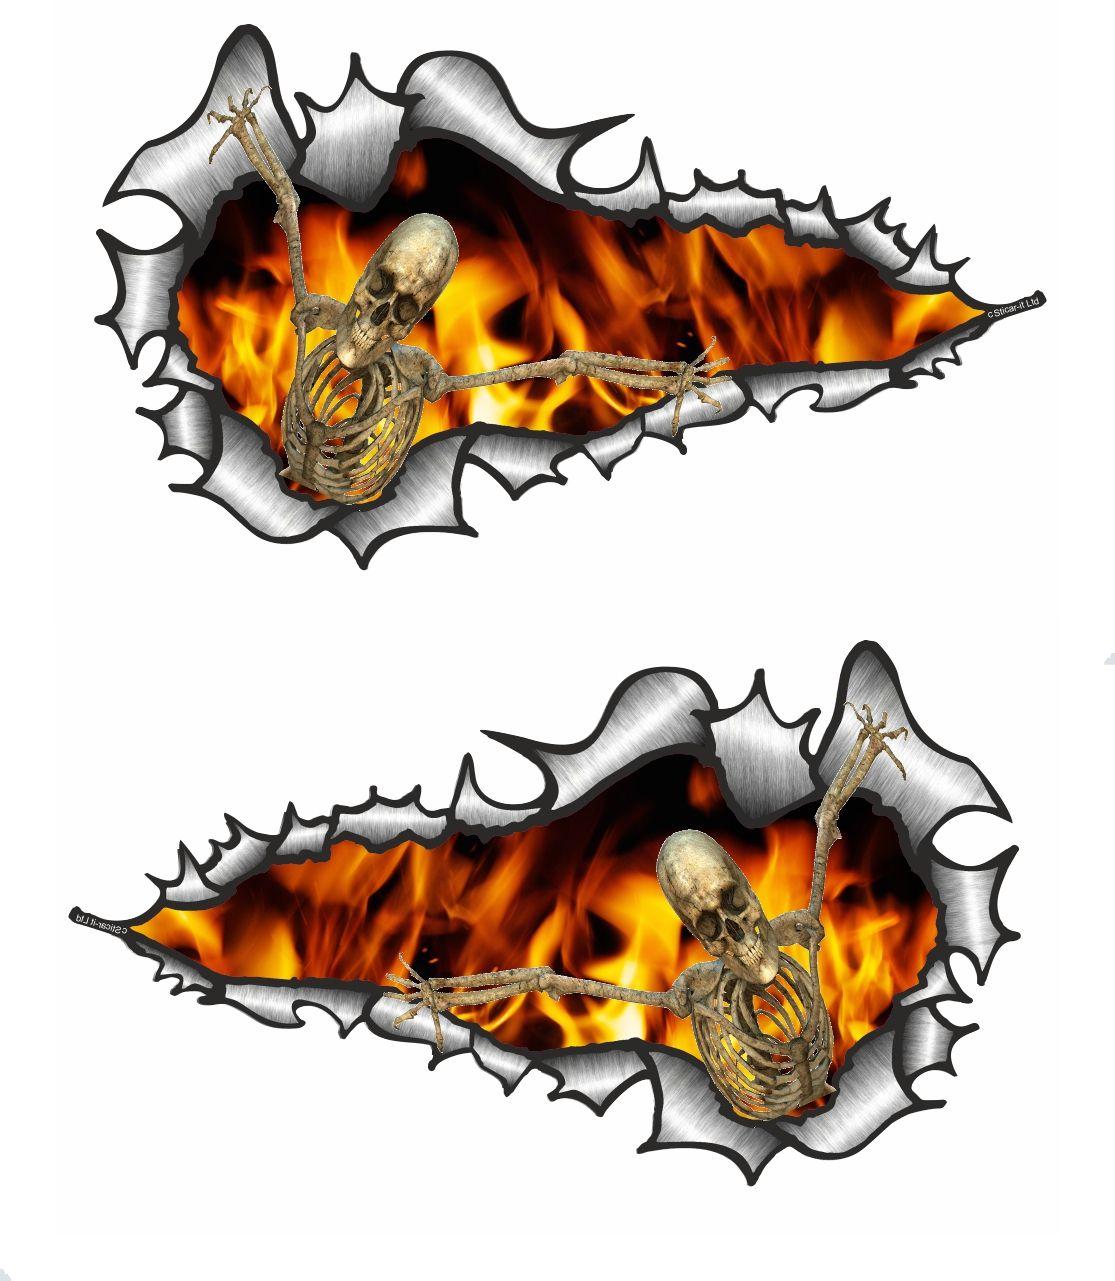 Car sticker design fire - Long Pair Ripped Torn Metal Design With Skeleton On Fire Motif External Vinyl Car Sticker 120x70mm Each